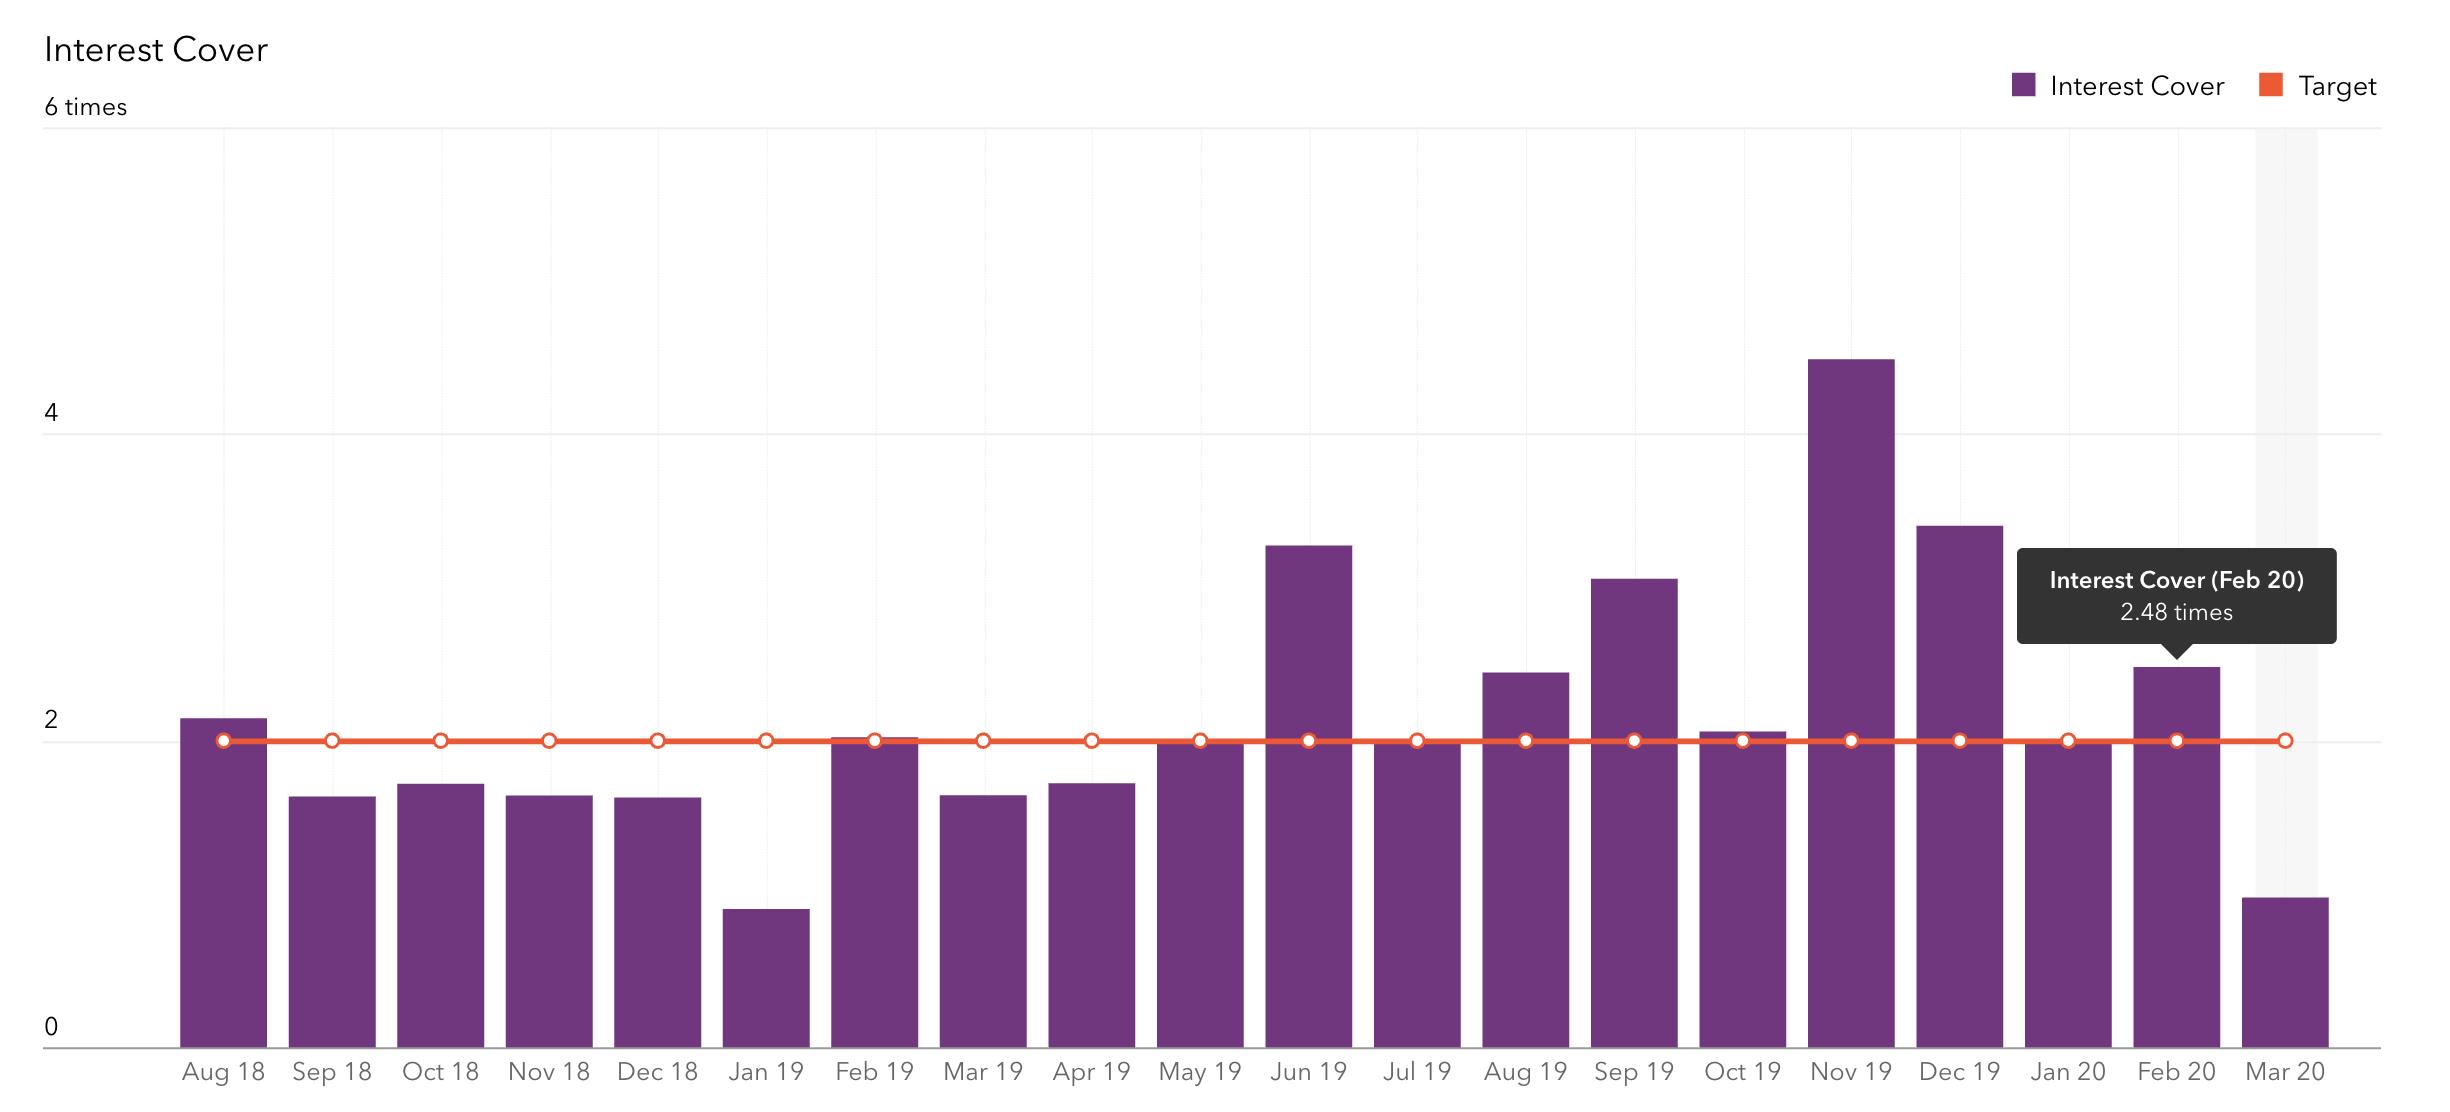 Chart-10-Interest-cover-vs-Target-of-2